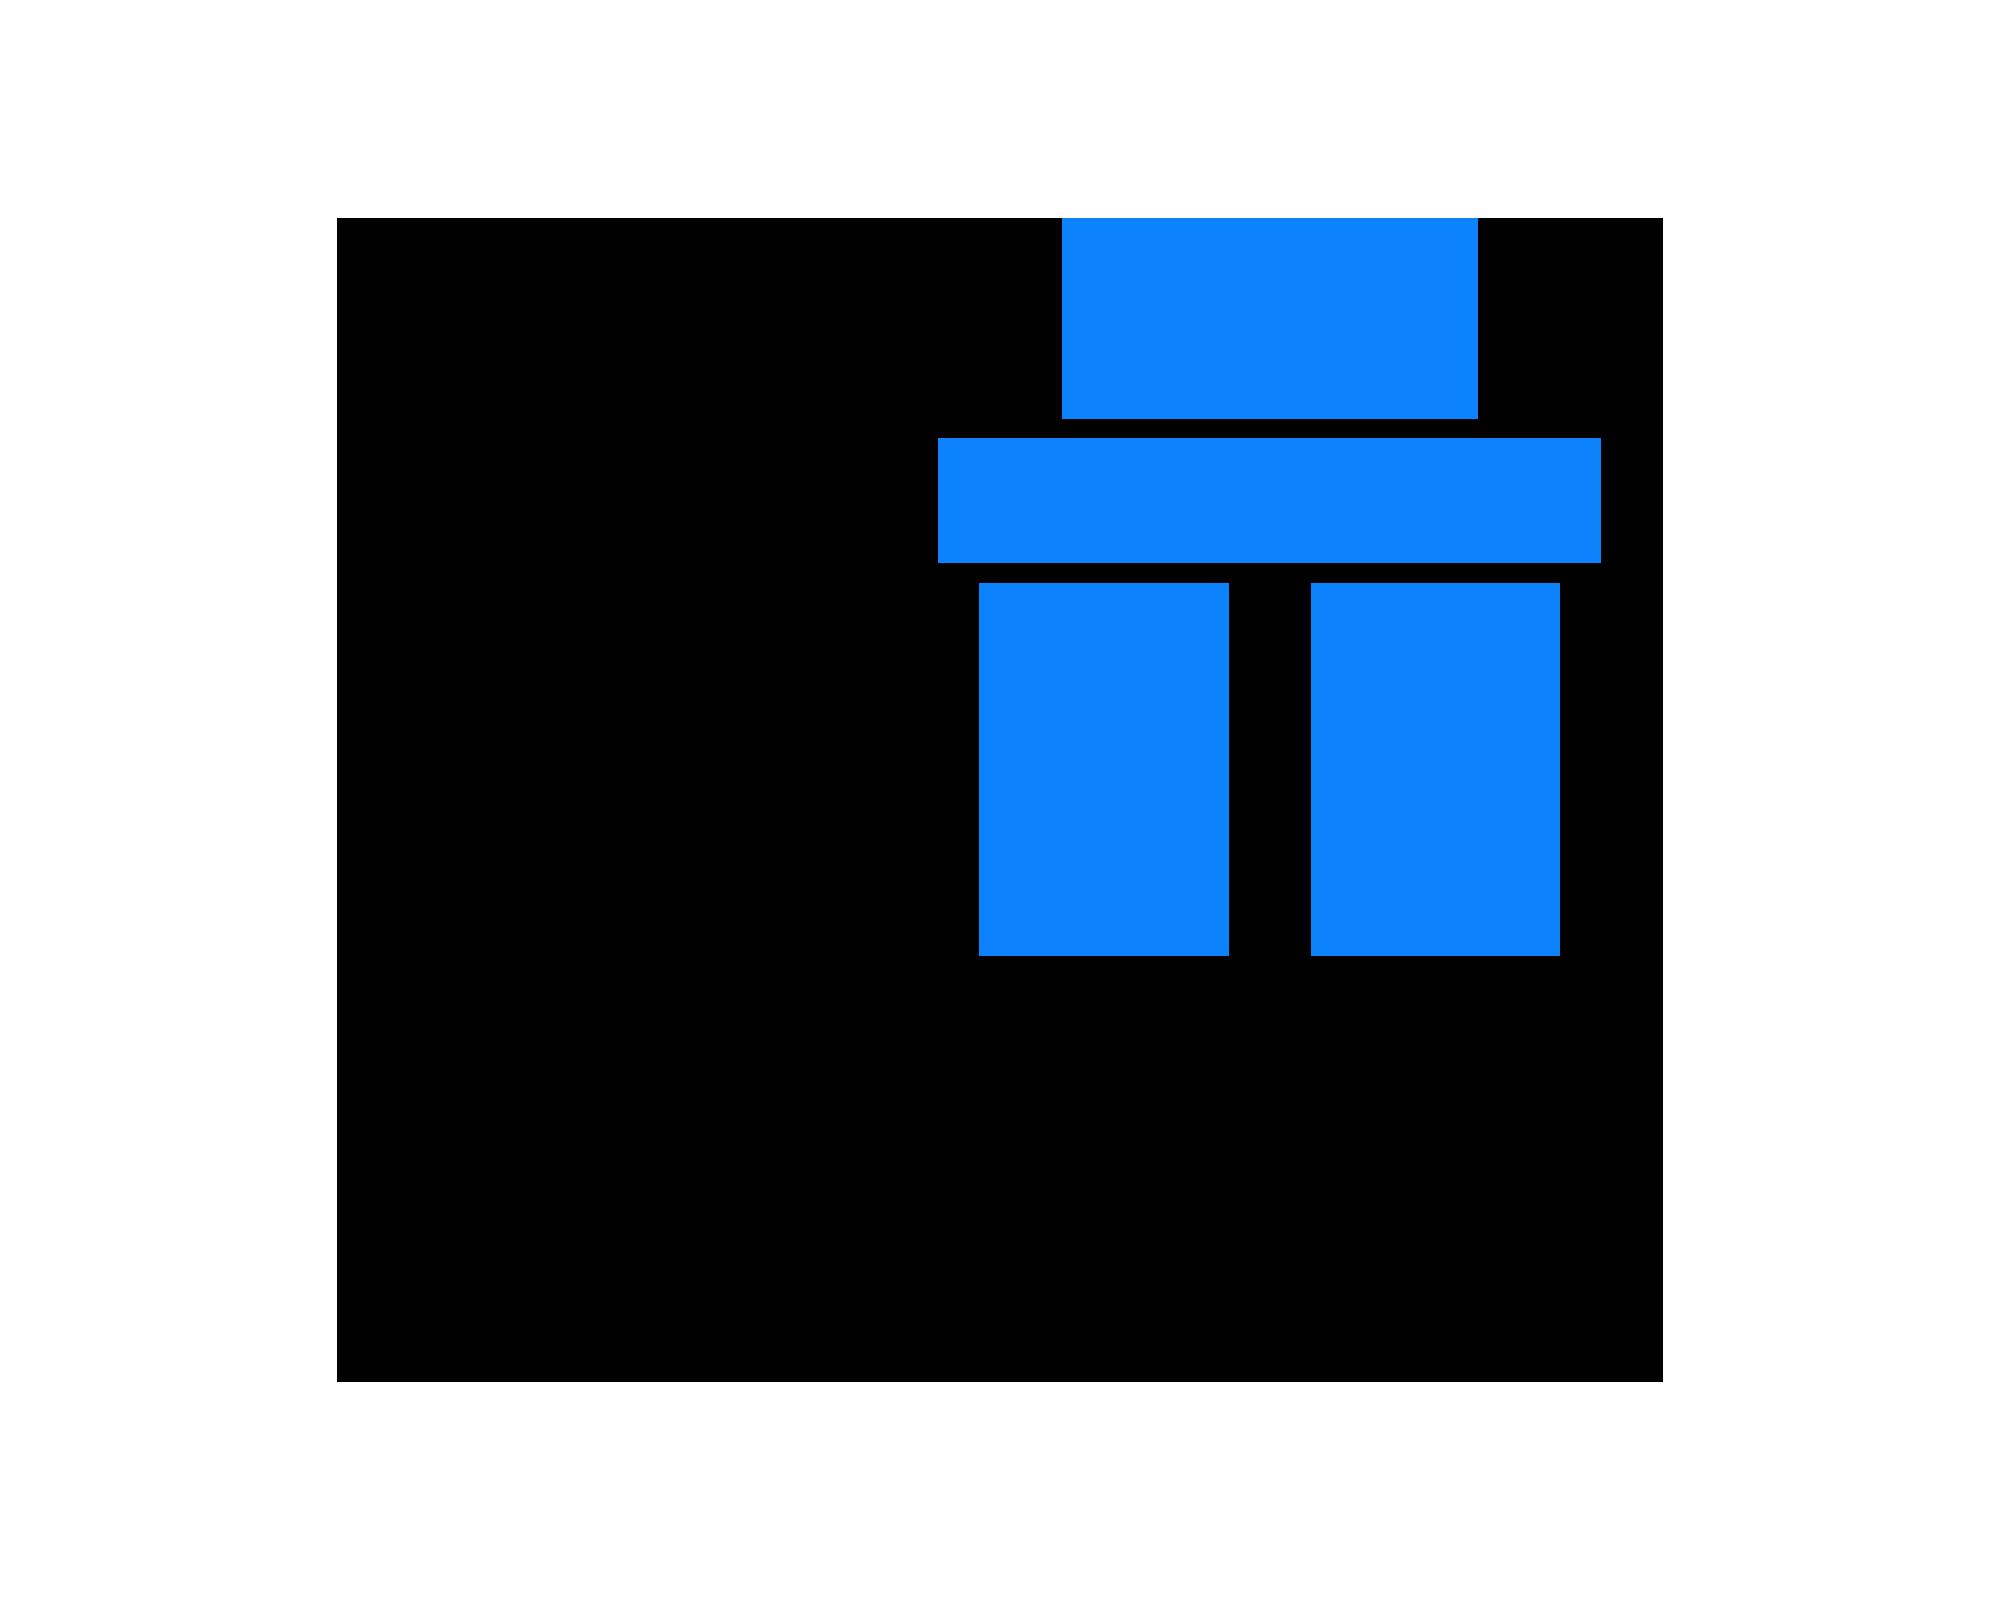 individual items